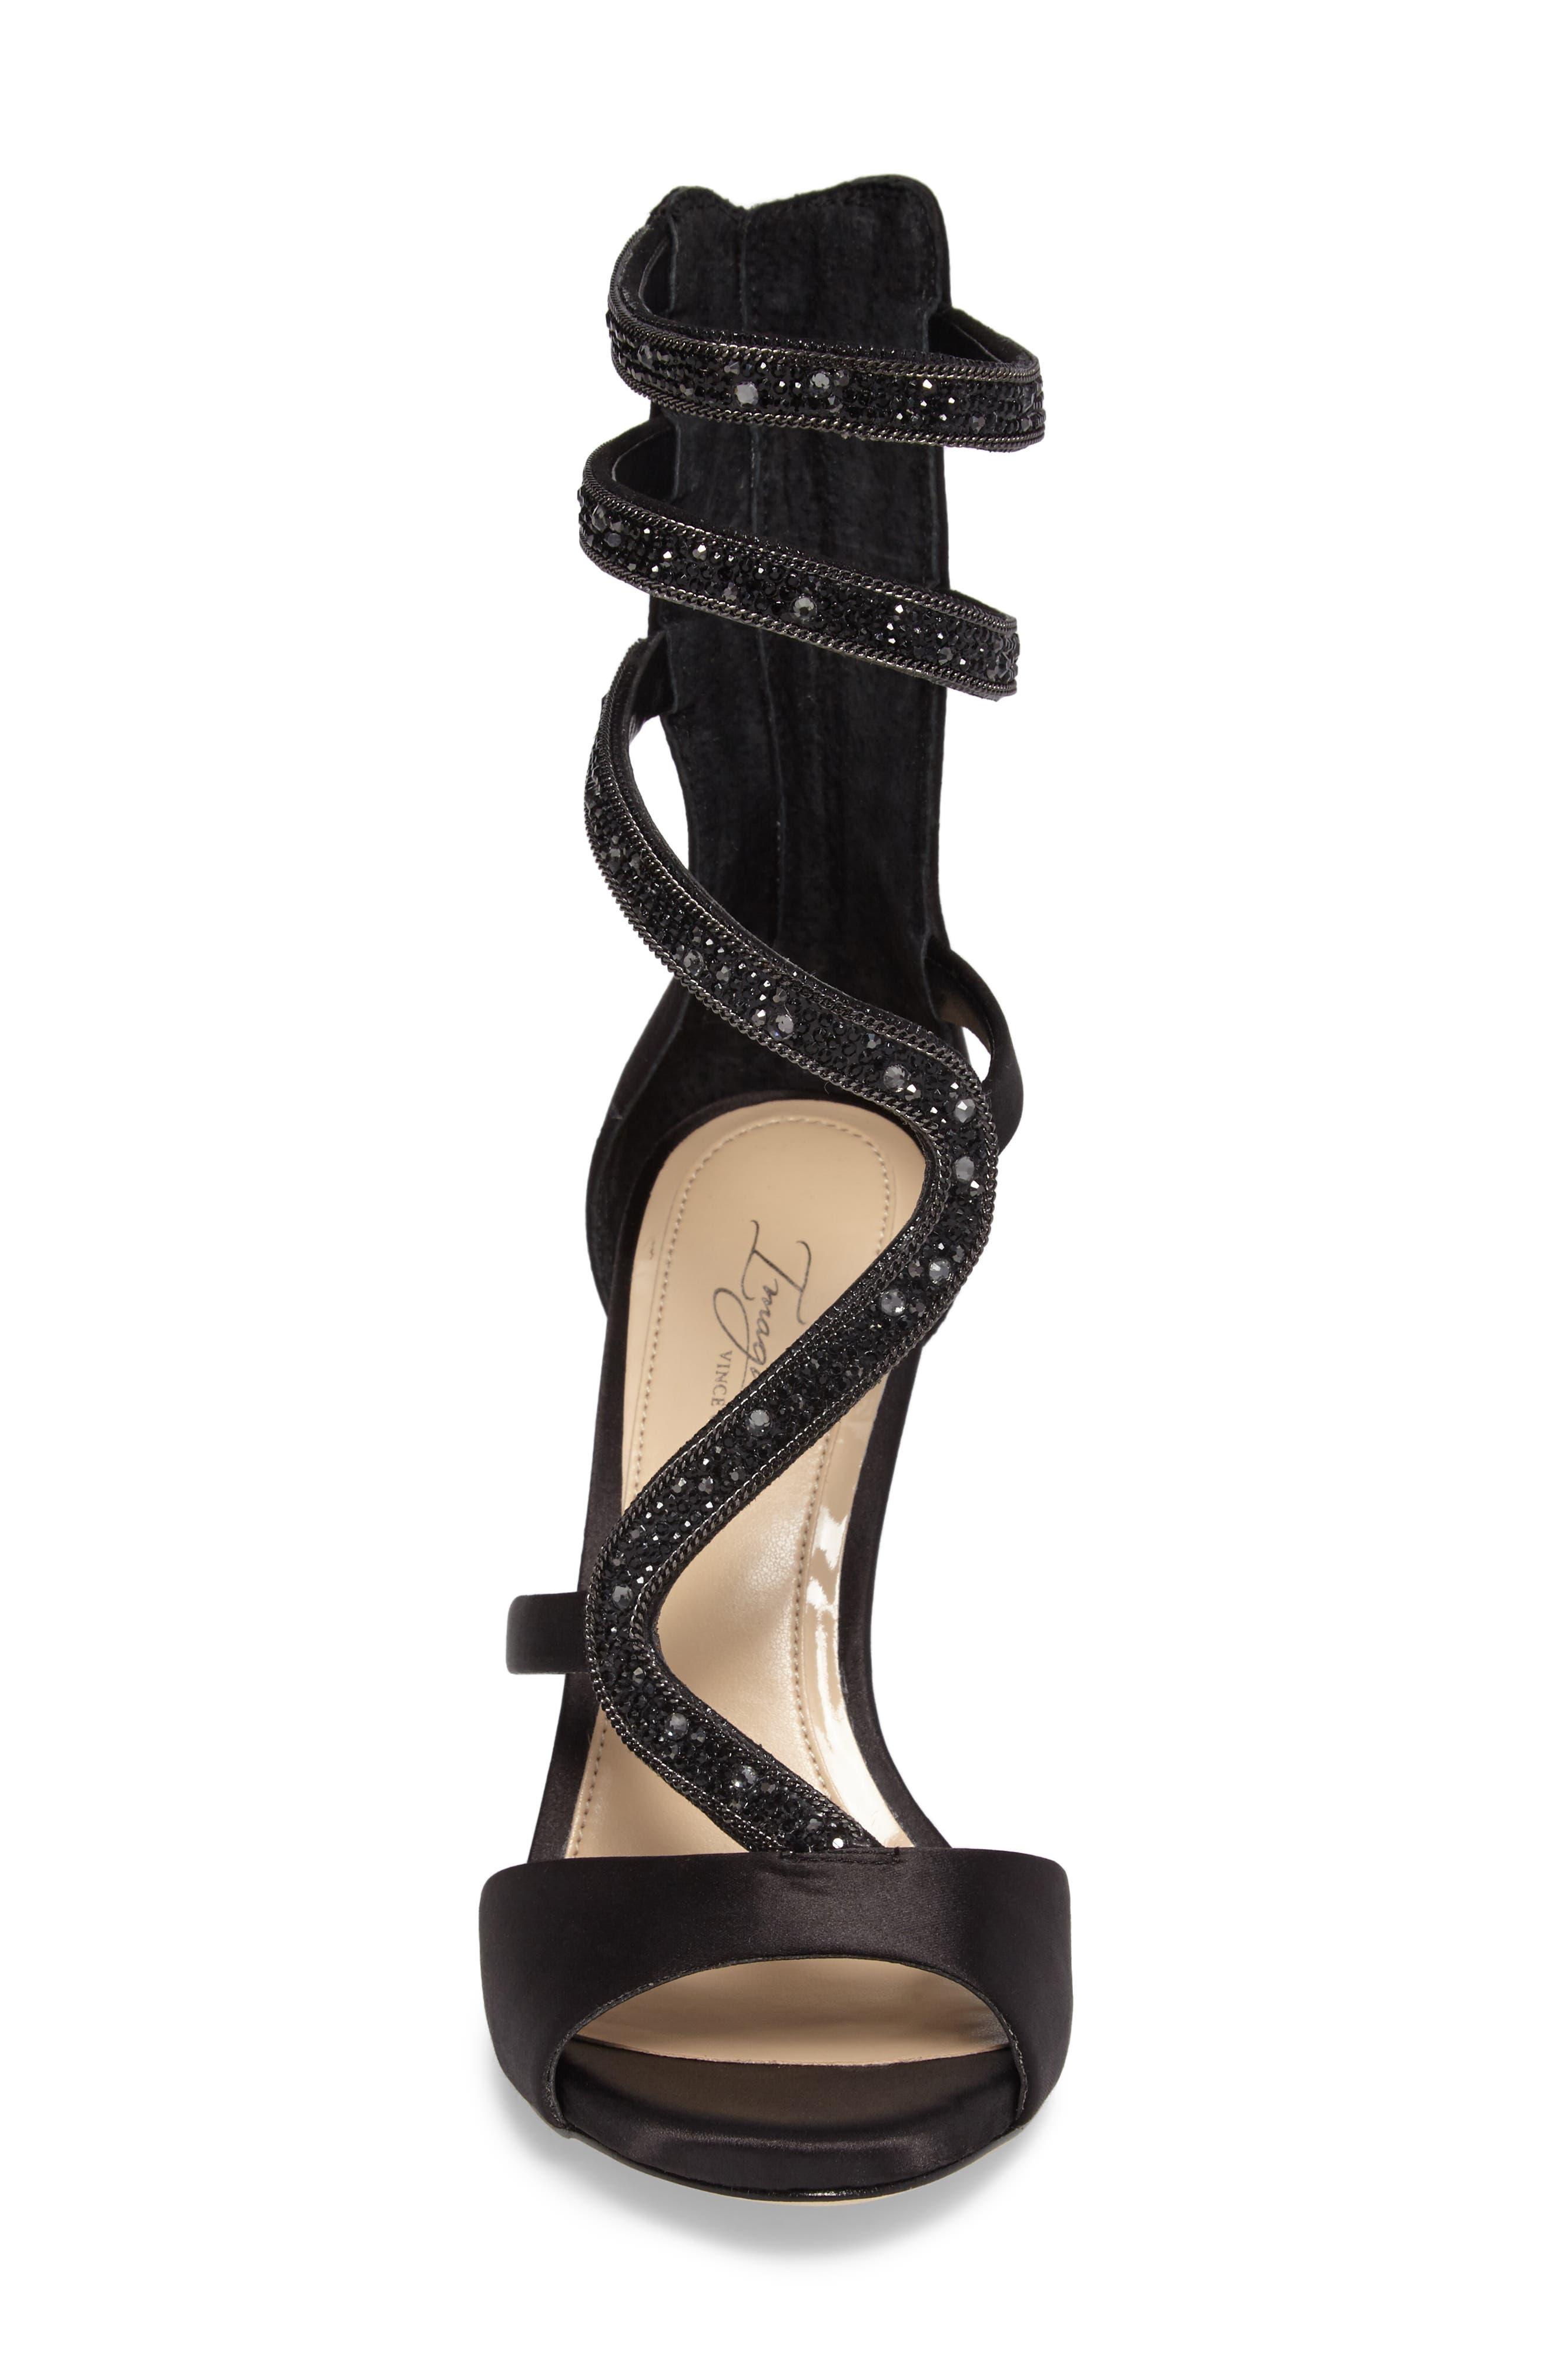 Imagine Vince Camuto Dafny Embellished Sandal,                             Alternate thumbnail 4, color,                             Black Satin